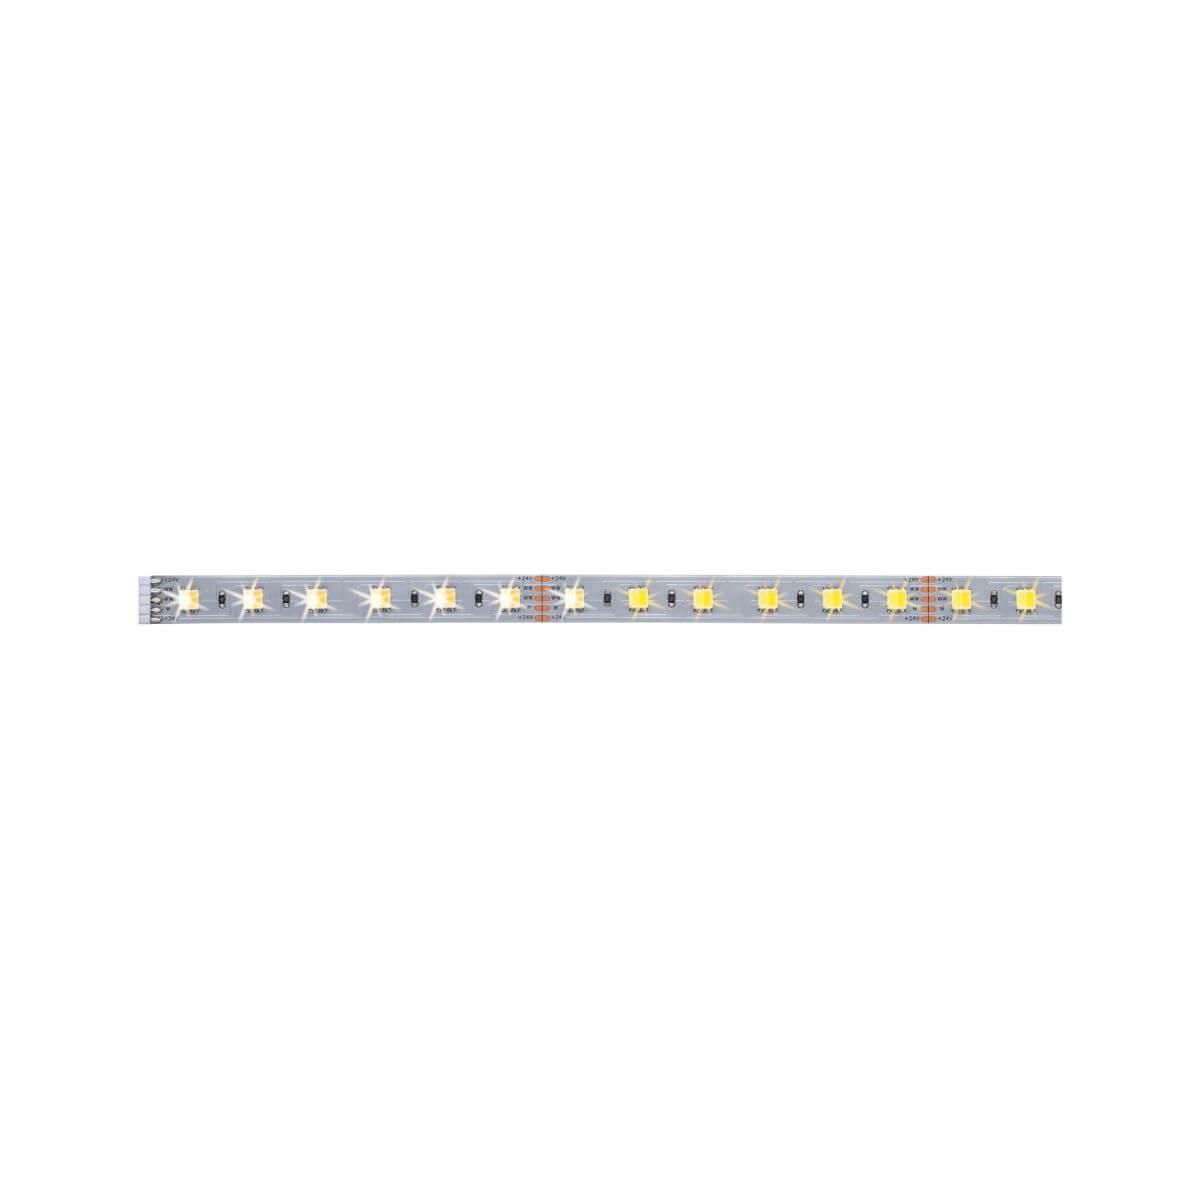 Paulmann MaxLED Stripe 1 m Tunable White | Weißlichtsteuerung